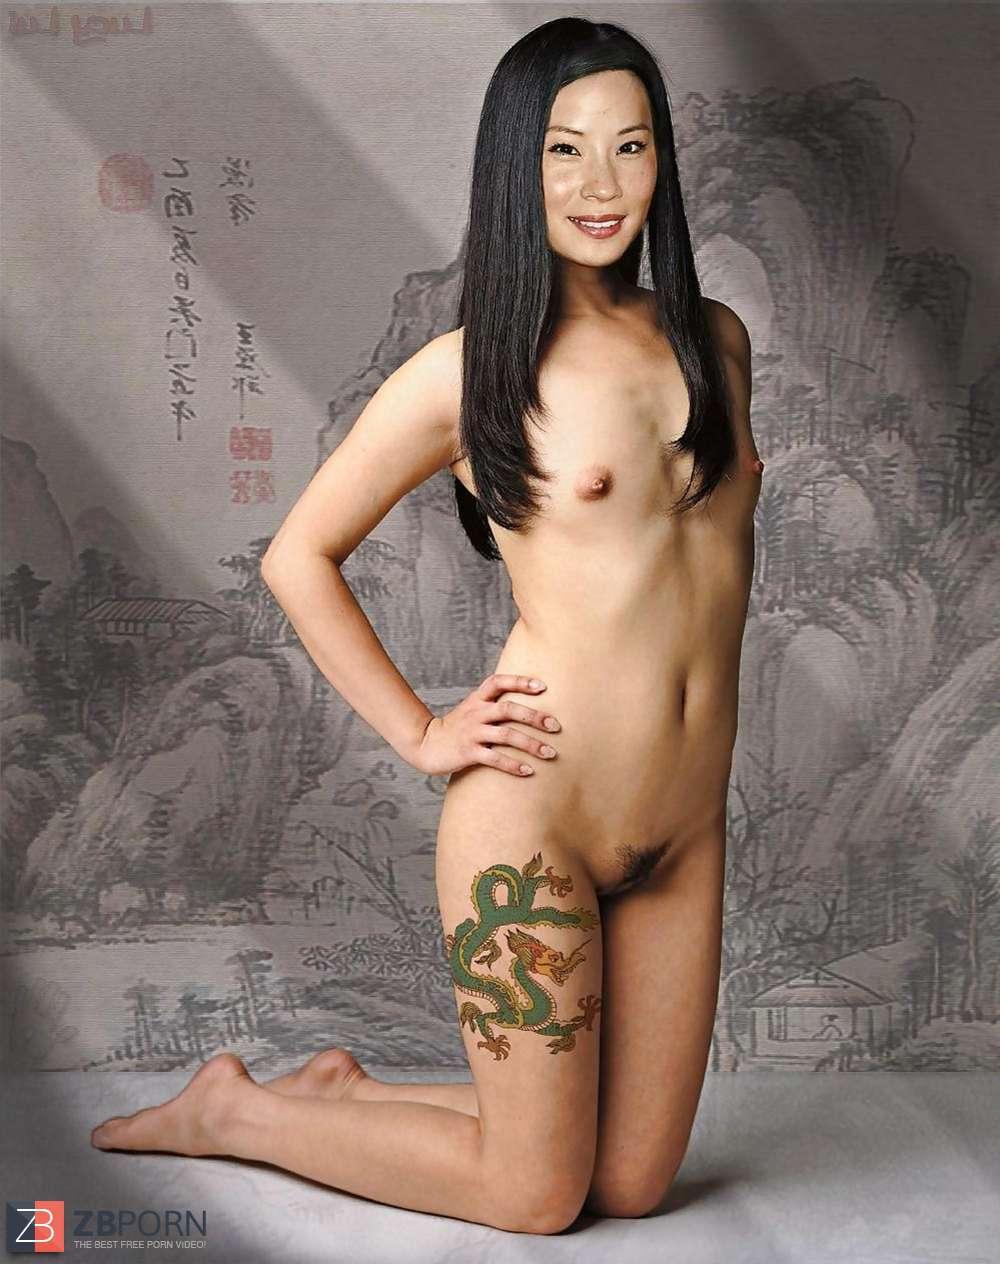 Raquel voloptuous vixen thick busty